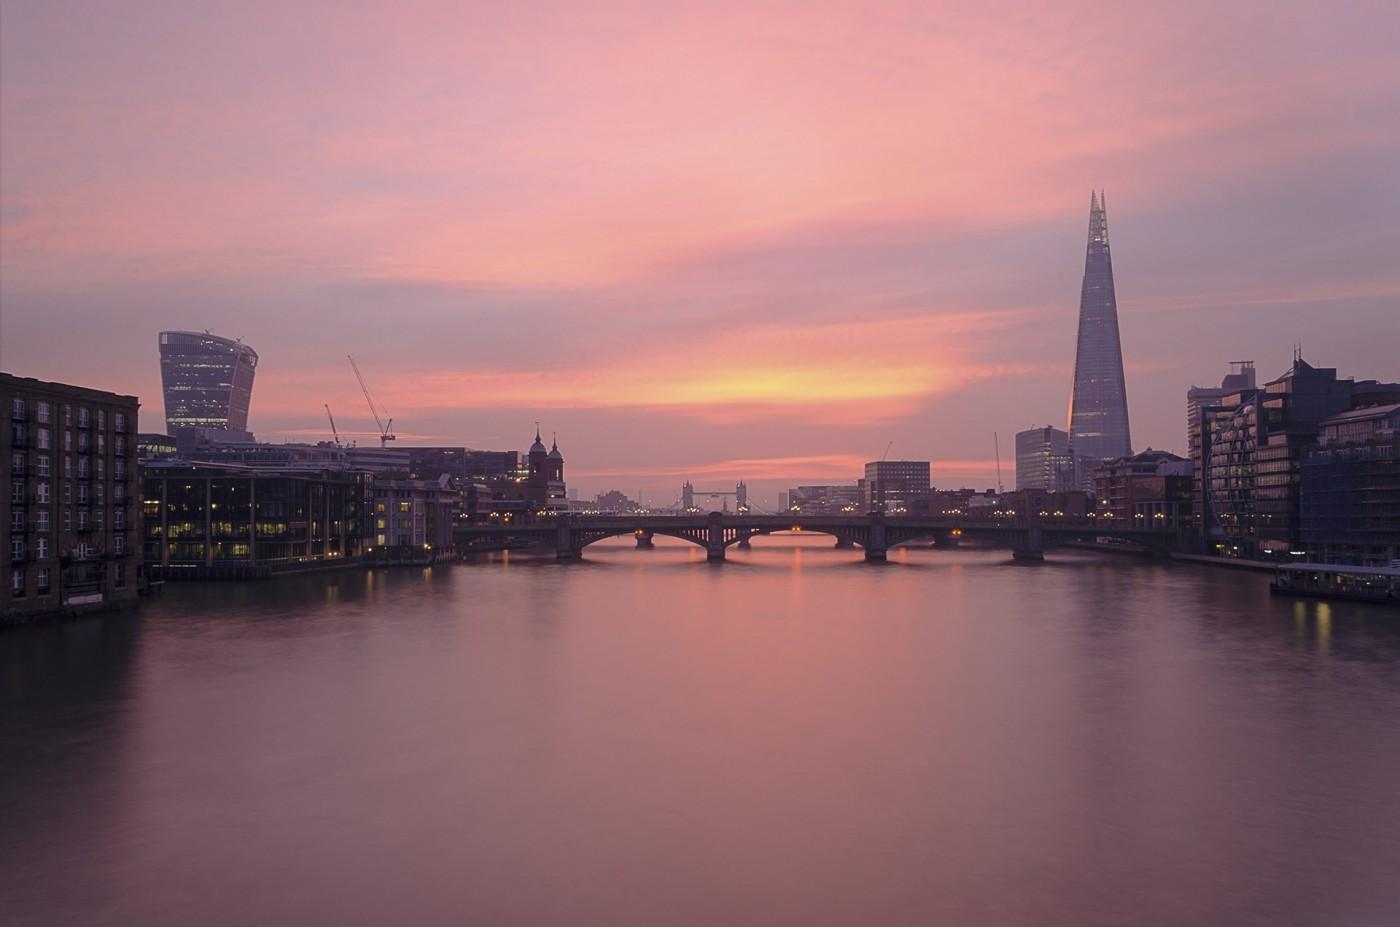 Sunrise from Millennium Bridge